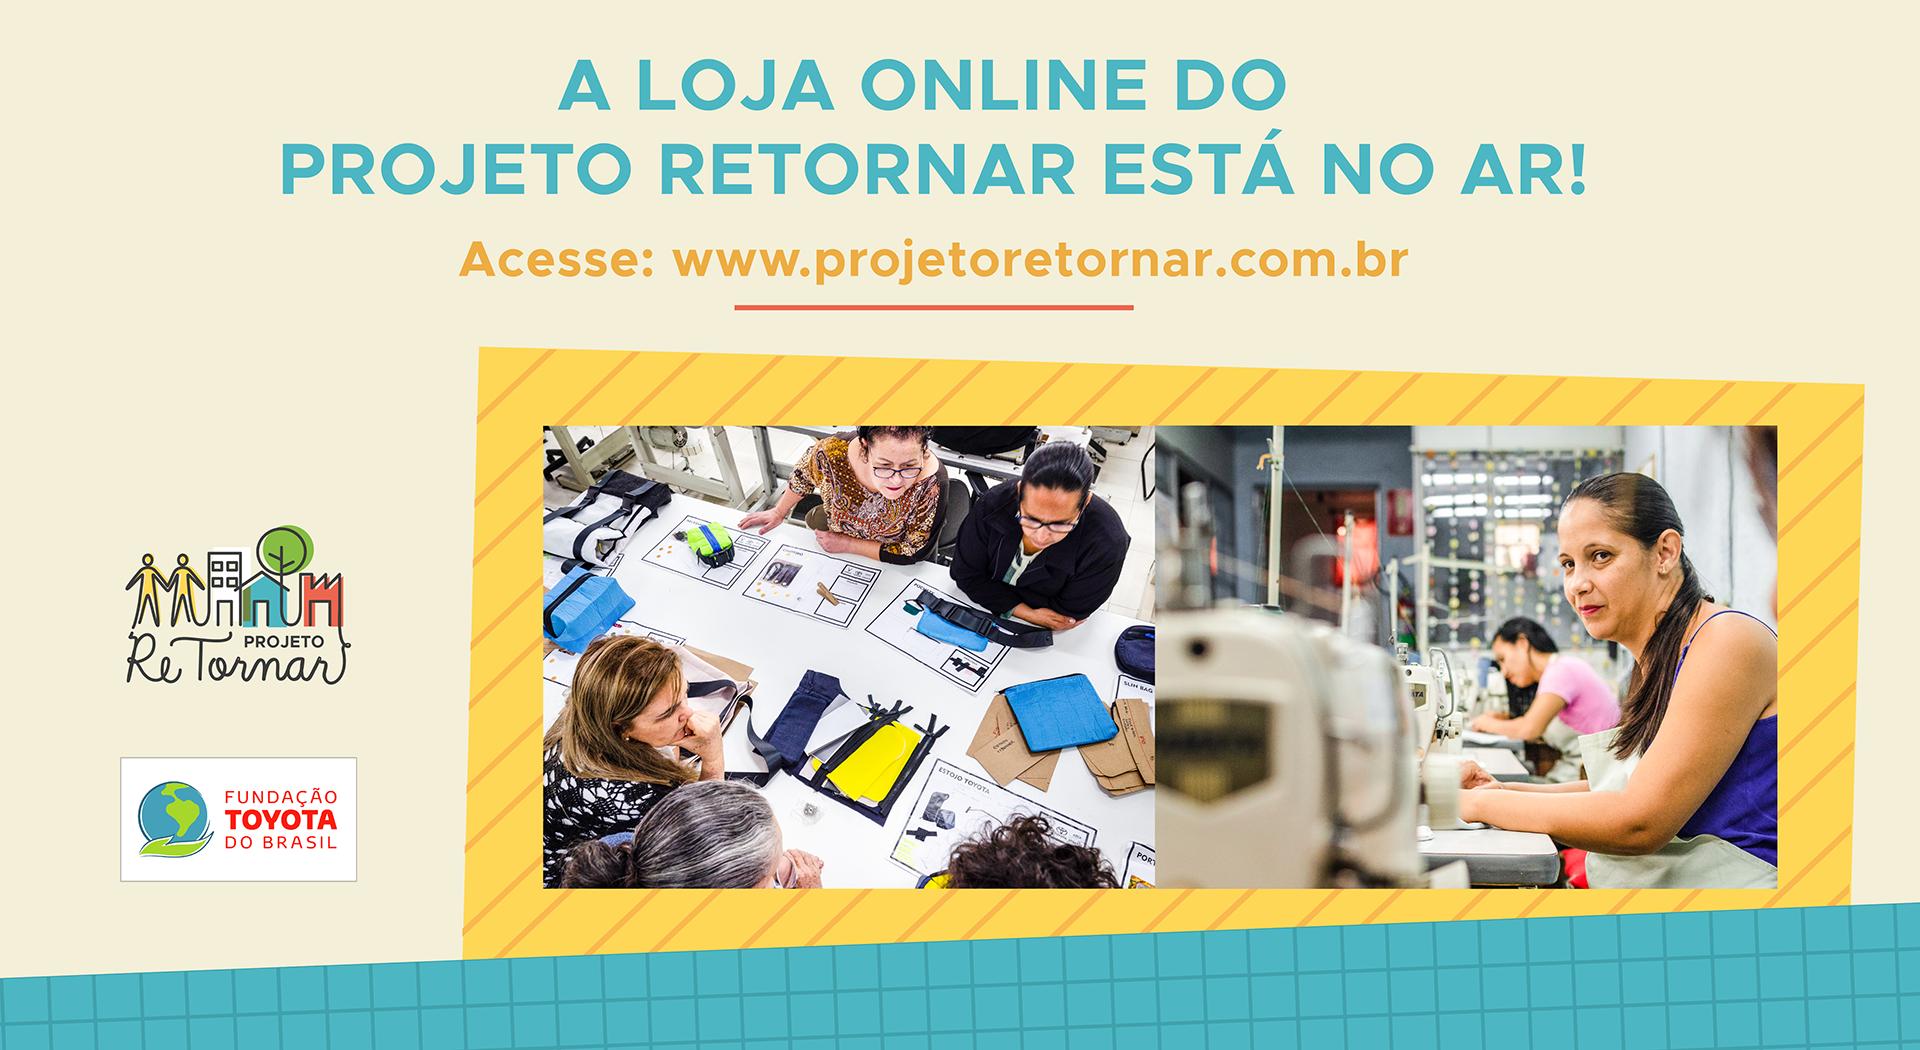 Projeto ReTornar, da Fundação Toyota do Brasil, ganha e-commerce e inicia venda no varejo